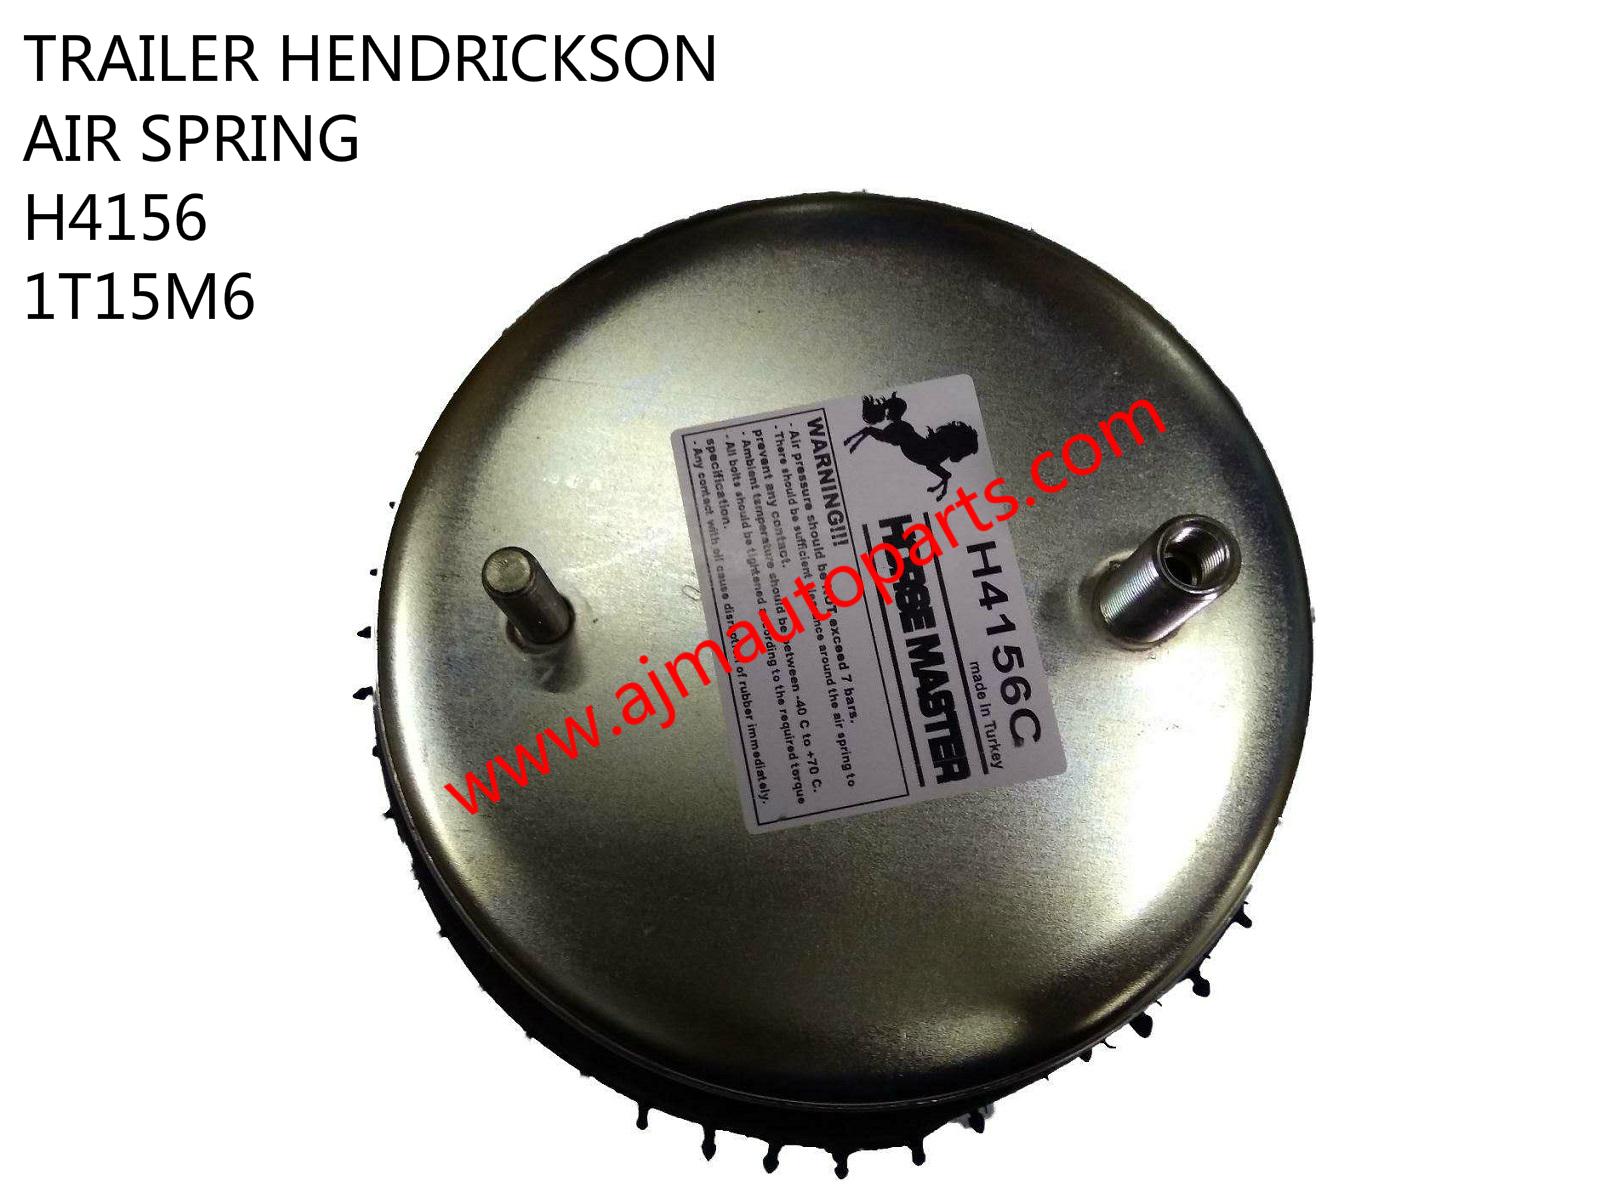 TRAILER HENDRICKSON AIR SPRING-H4156- 1T15M6